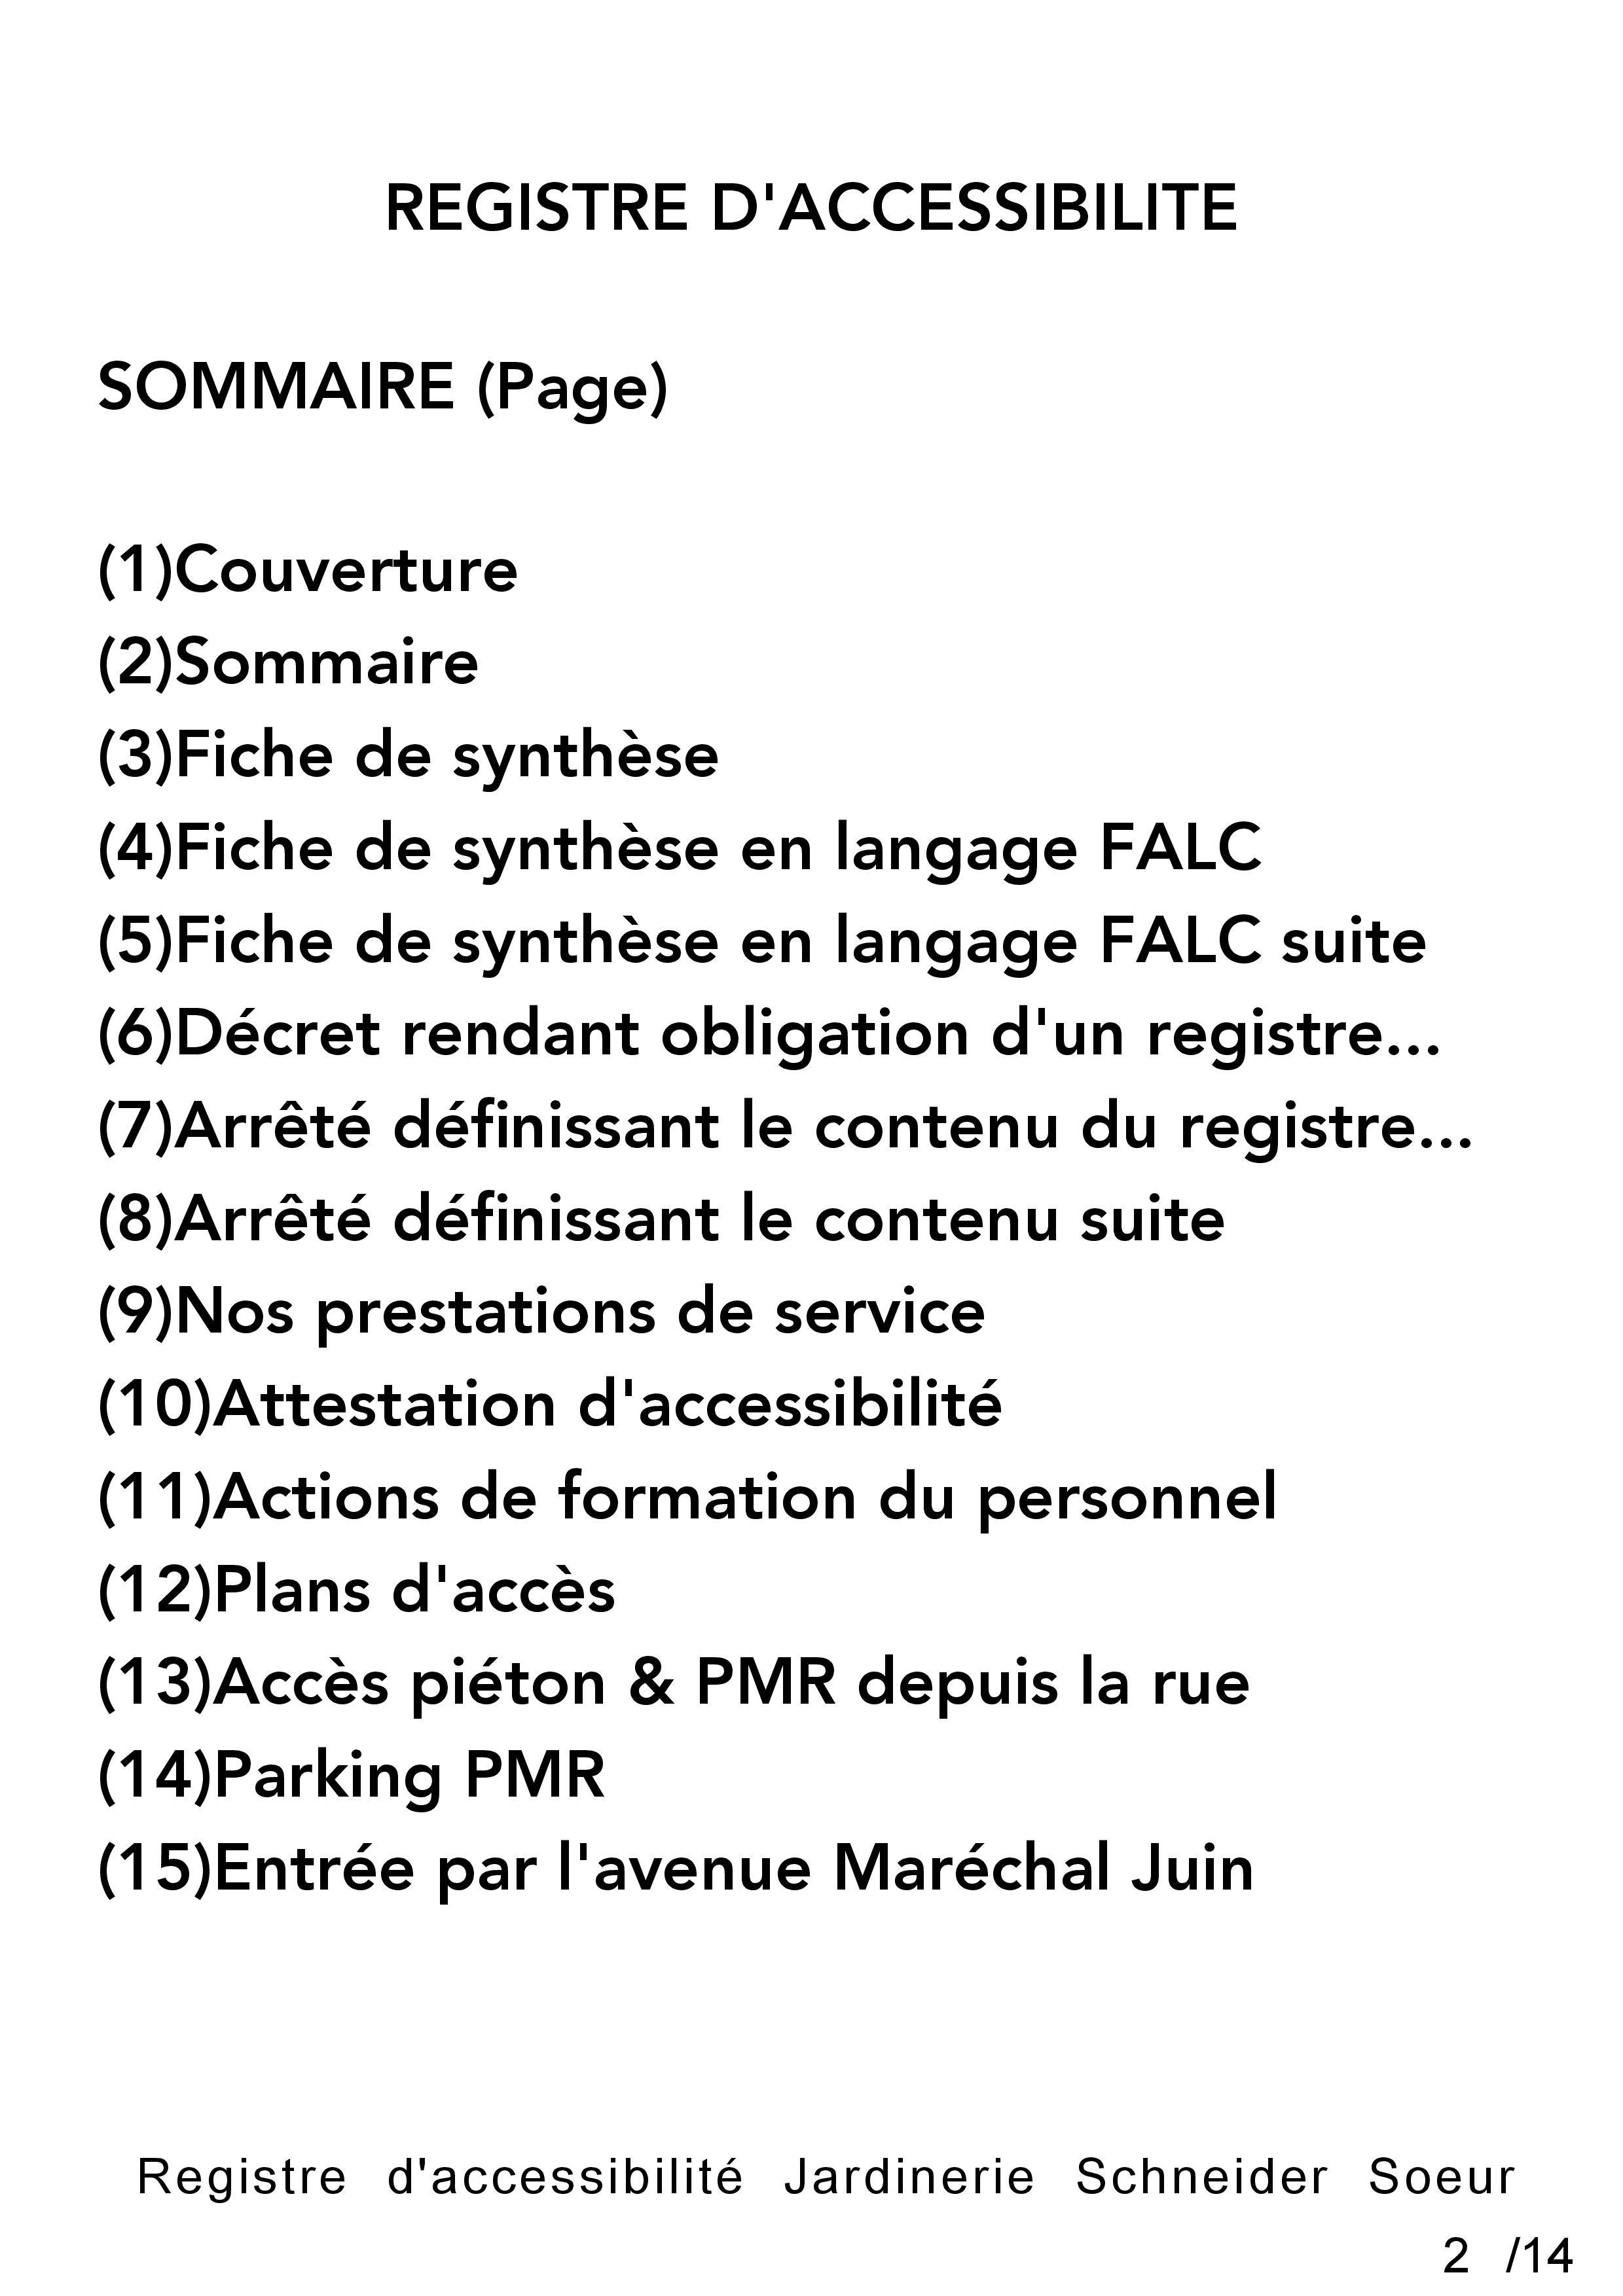 Registre accessibilité Jardinerie Schneider Soeur Cannes-page-002